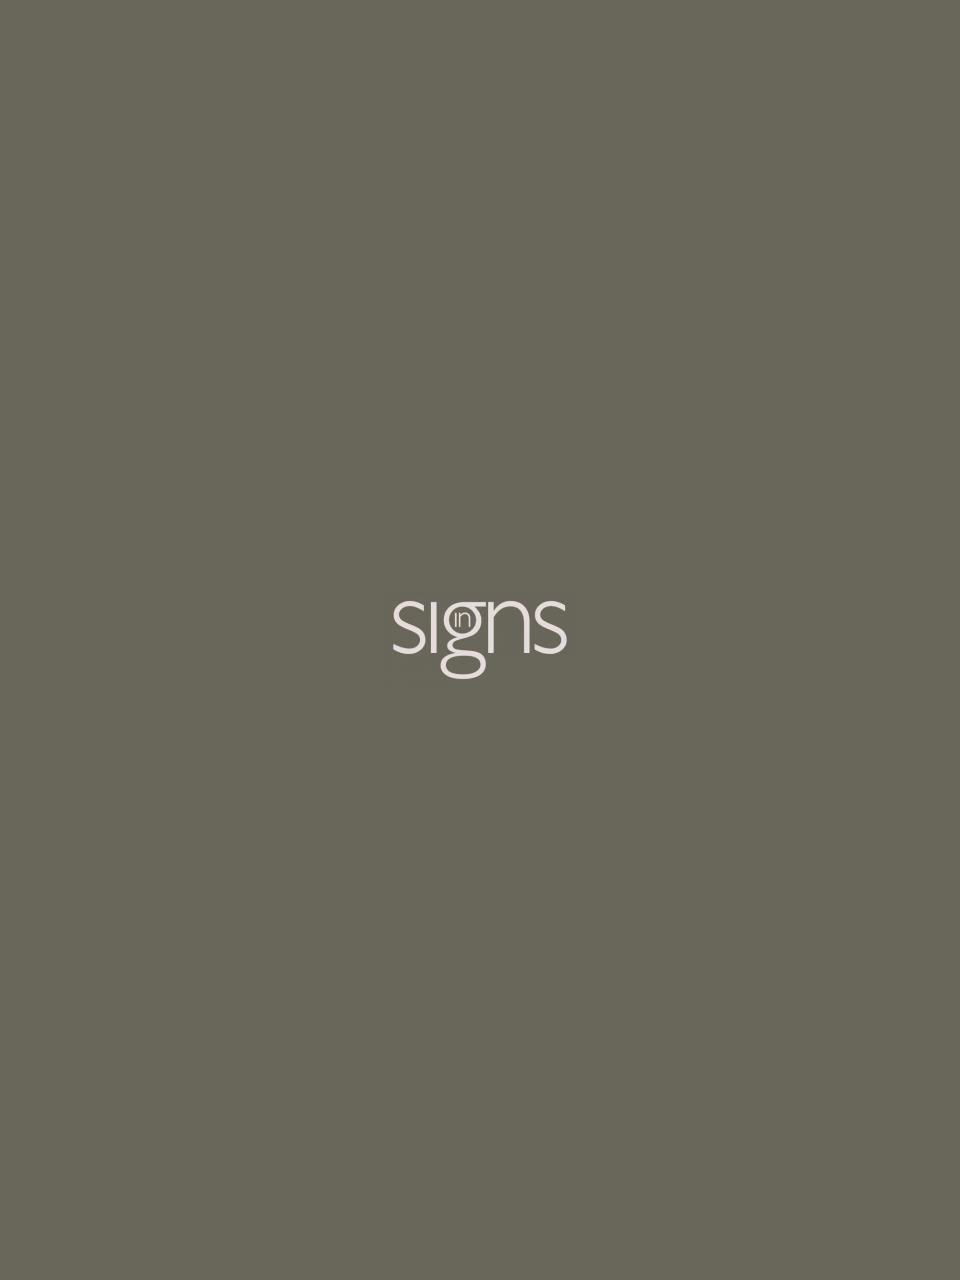 Novus Built up Letter Signage